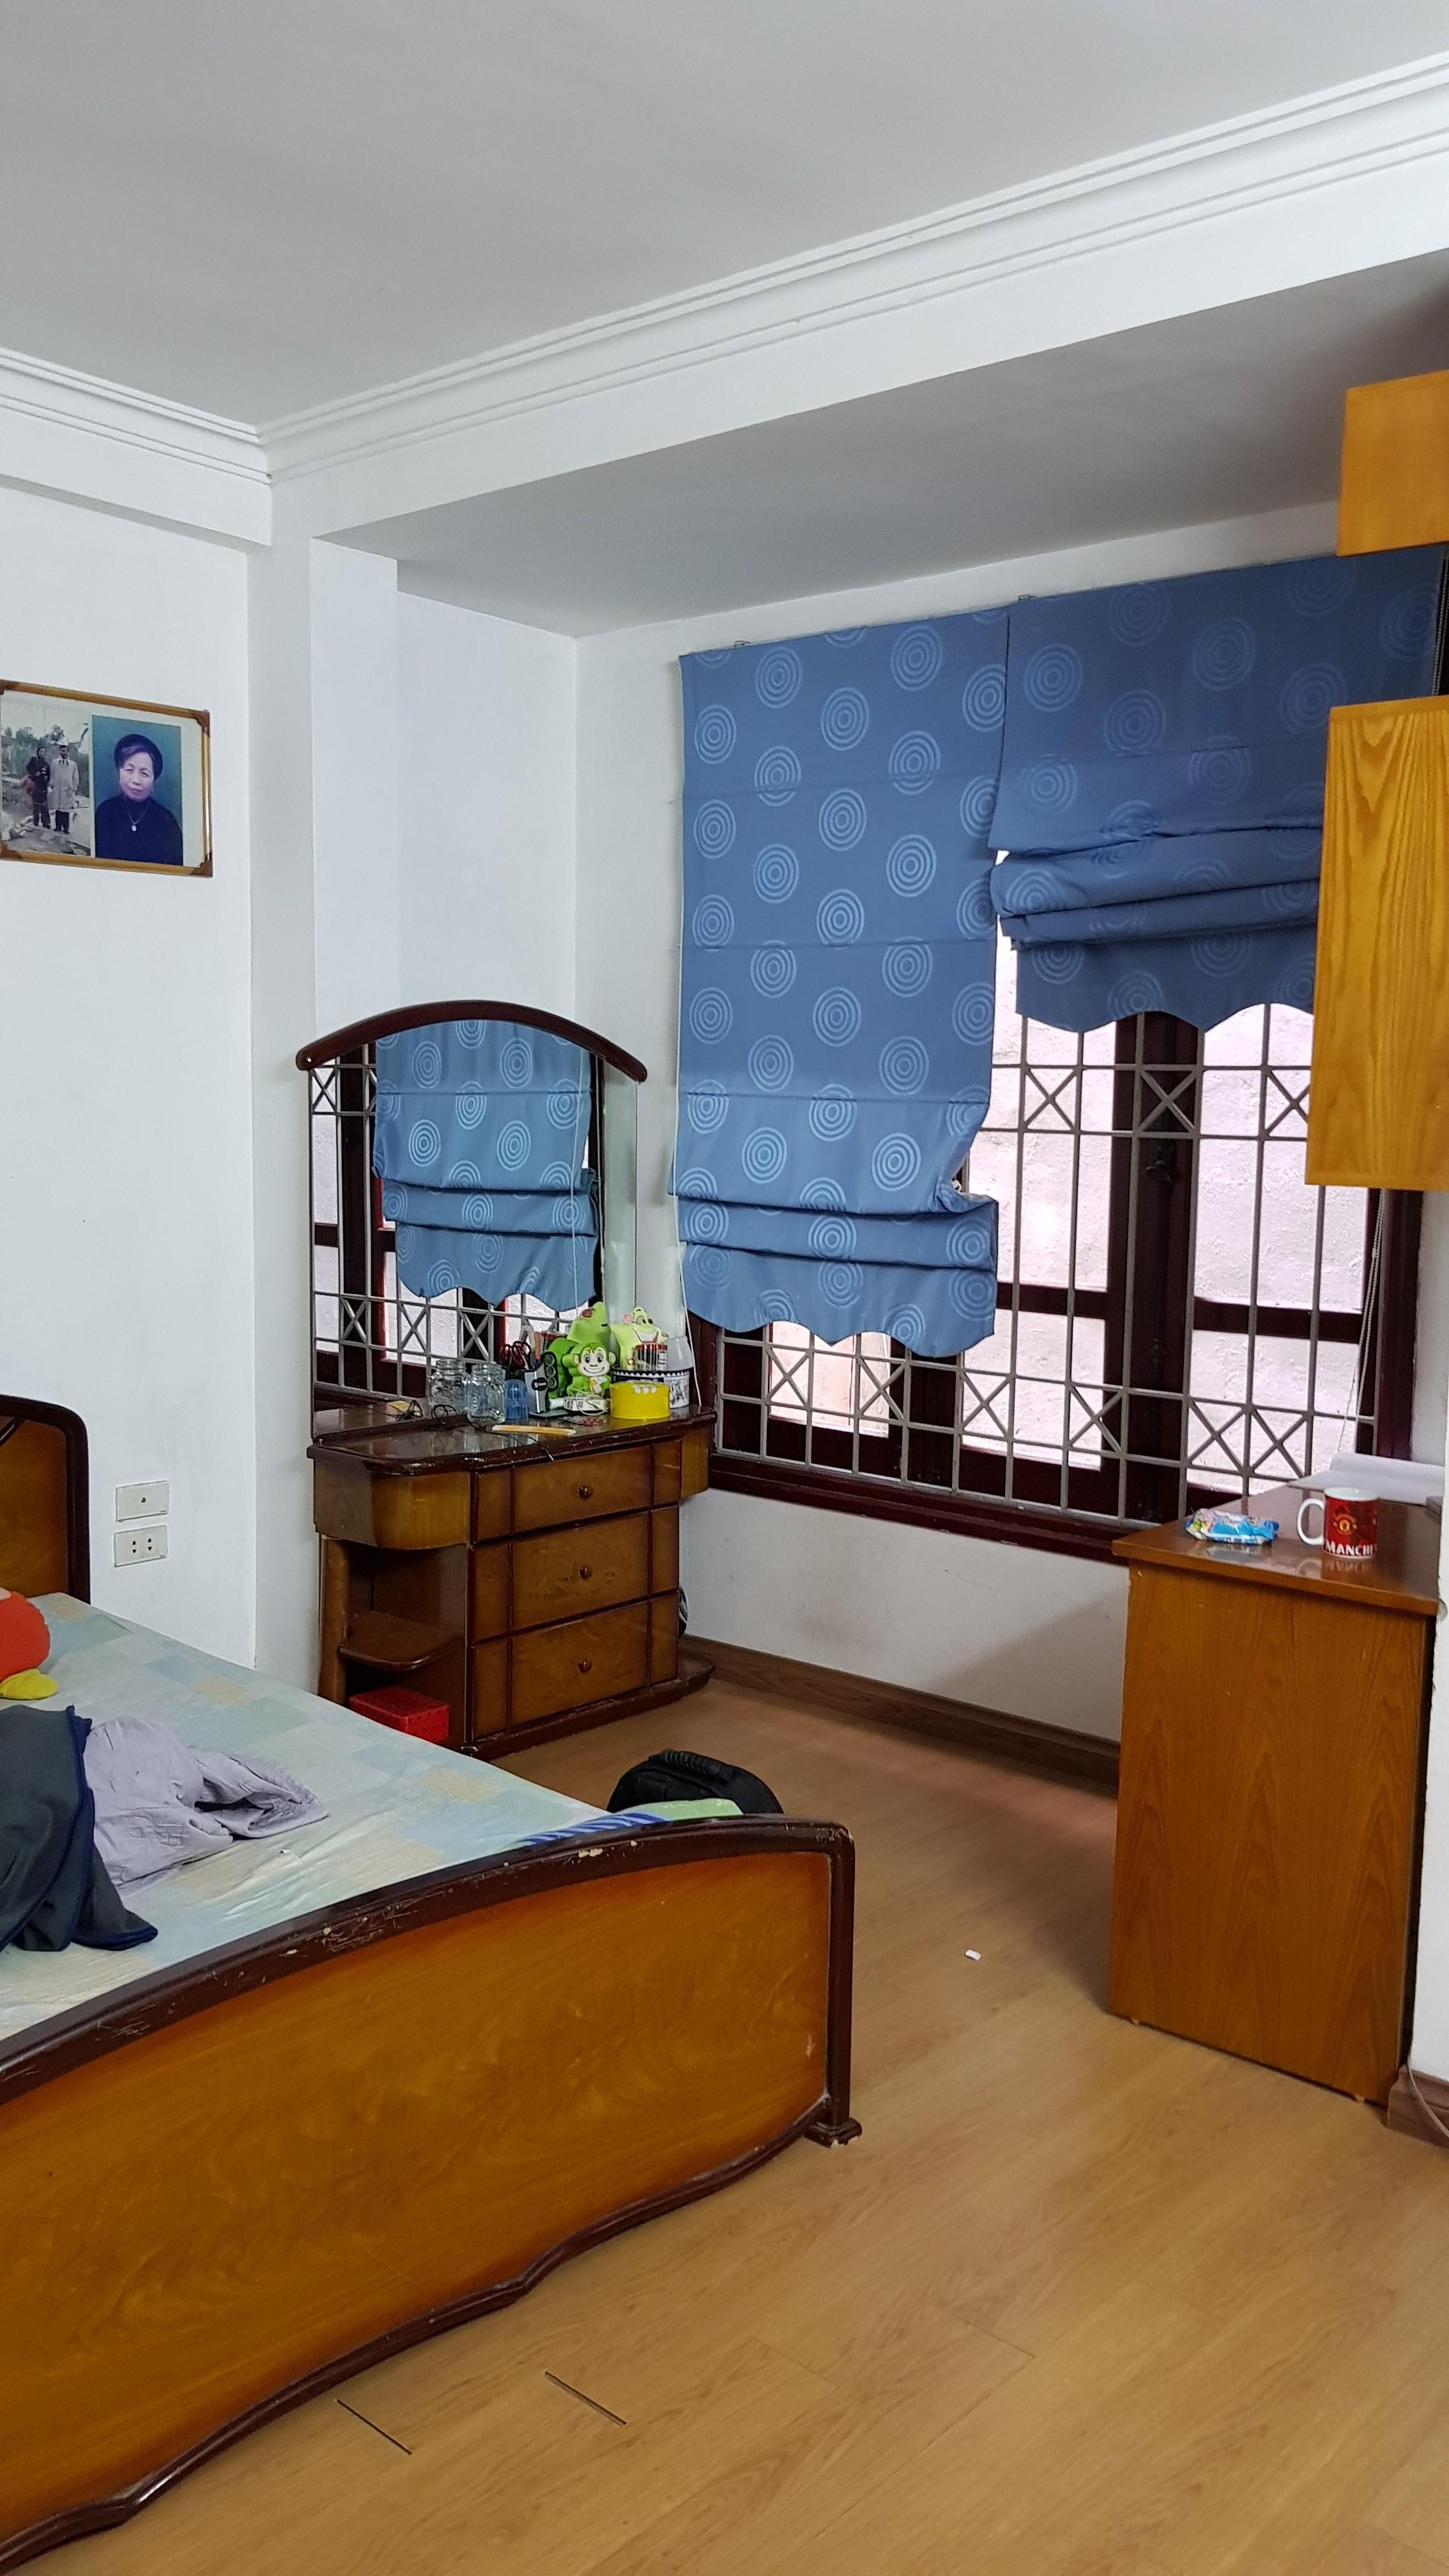 1 Bán nhà ngõ 76 Phố Nguyễn Chí Thanh,Đường Láng 40m2 x 5 tầng, giá 4,3 tỷ